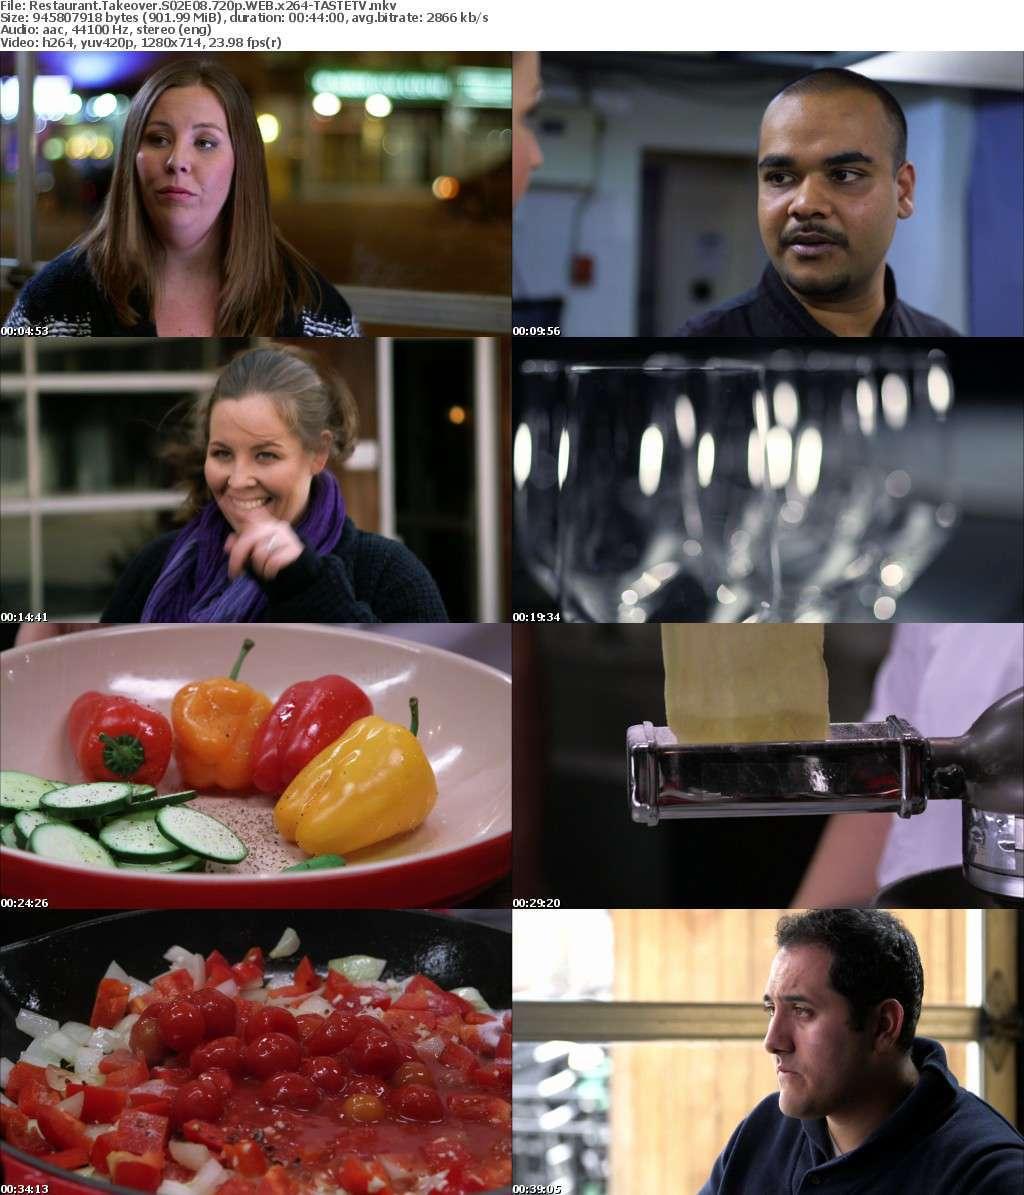 Restaurant Takeover S02E08 720p WEB x264-TASTETV